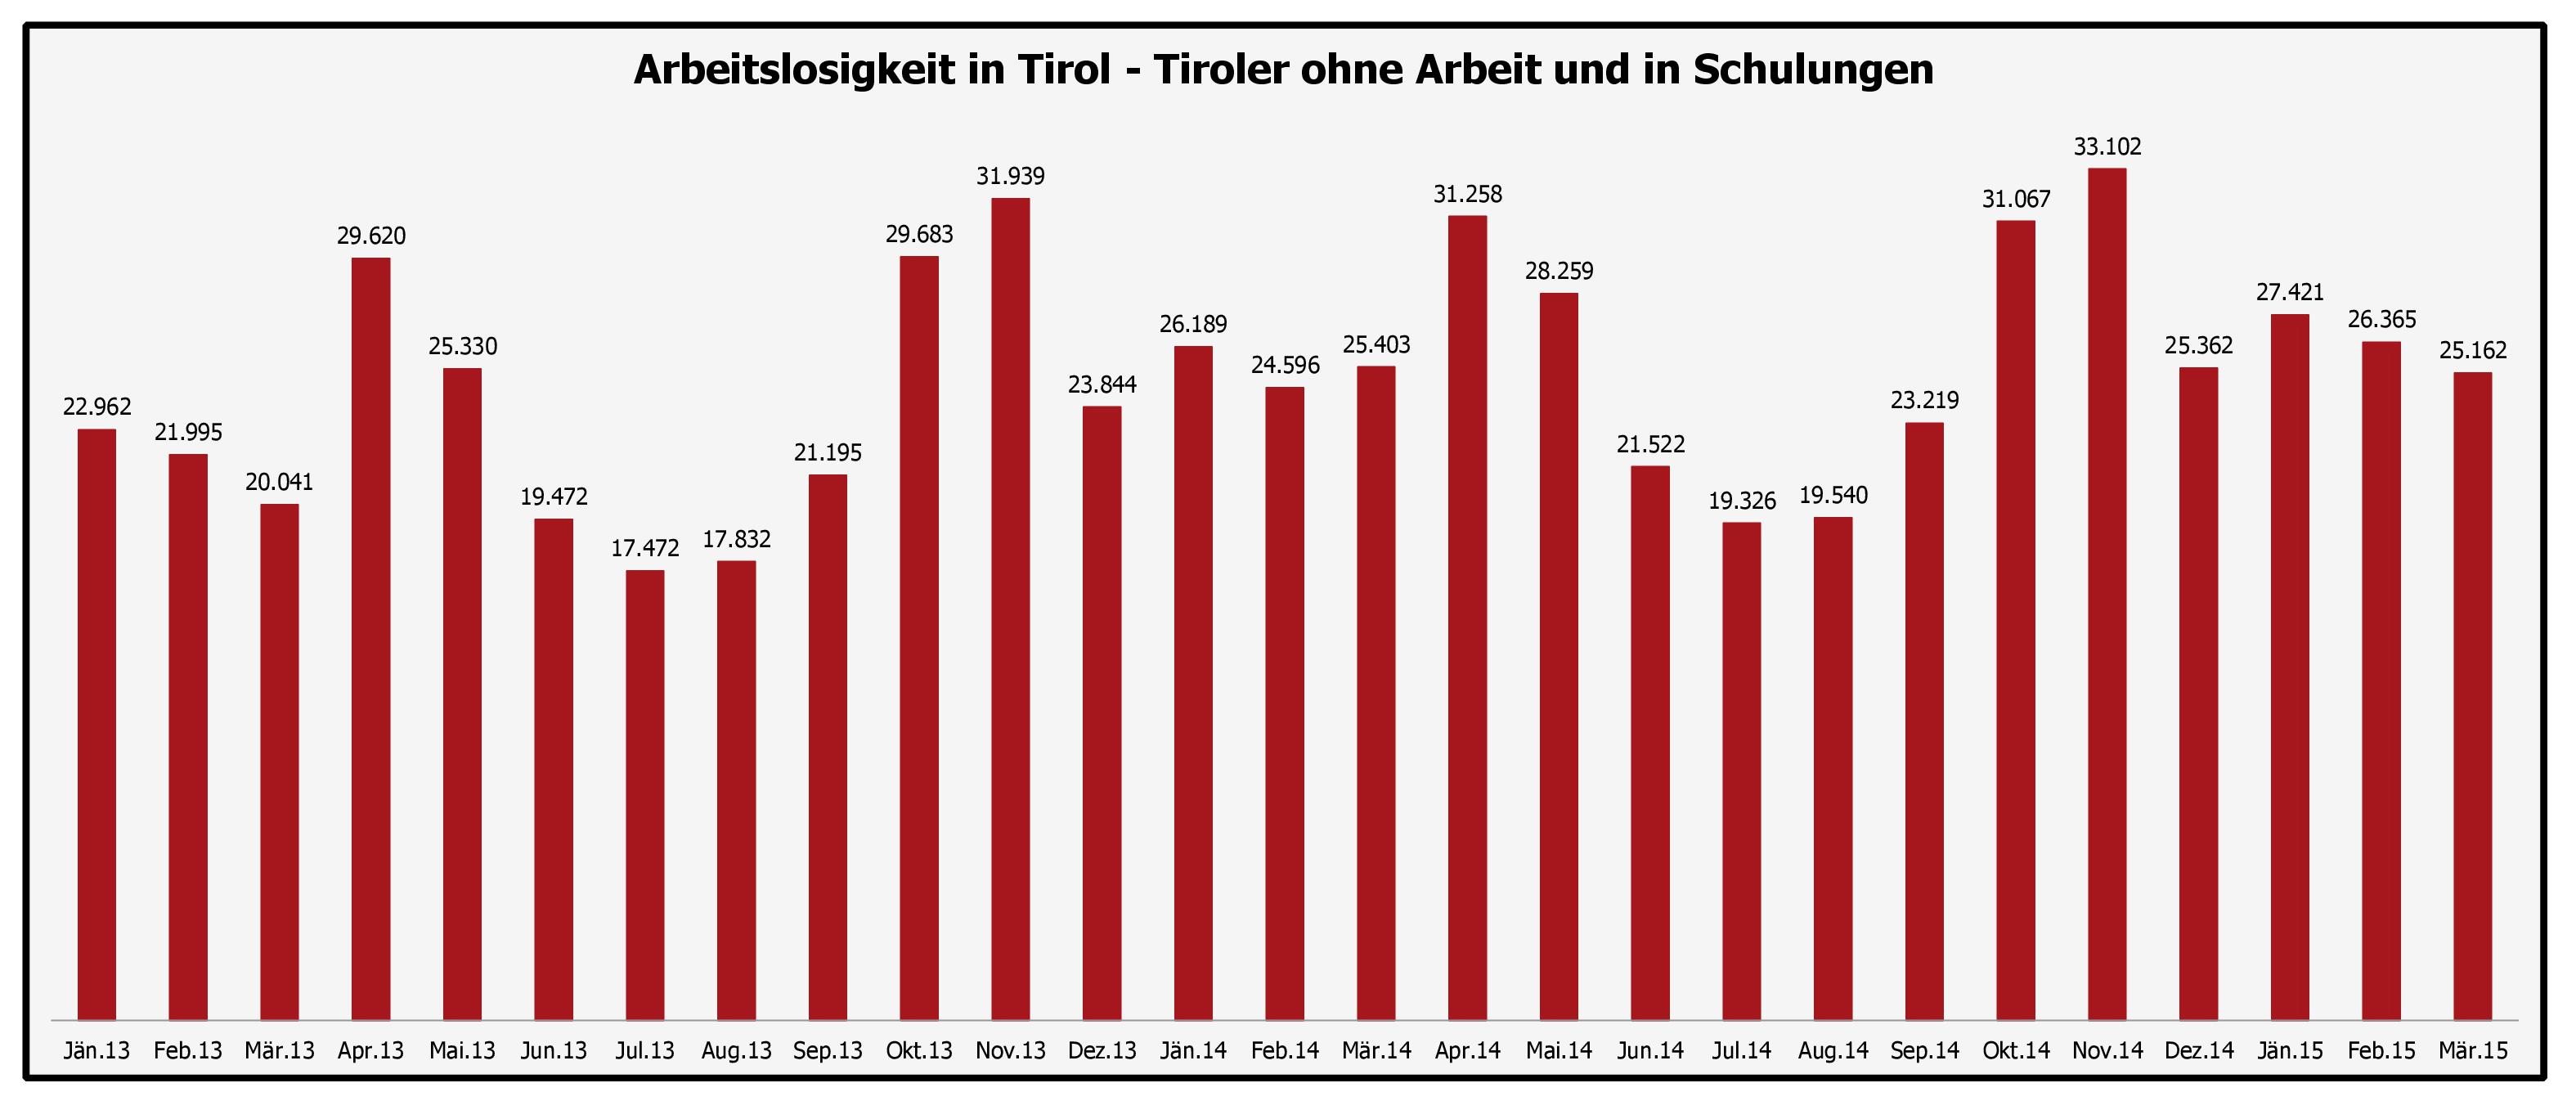 Grafische Übersicht über die Arbeitslosigkeit in Tirol